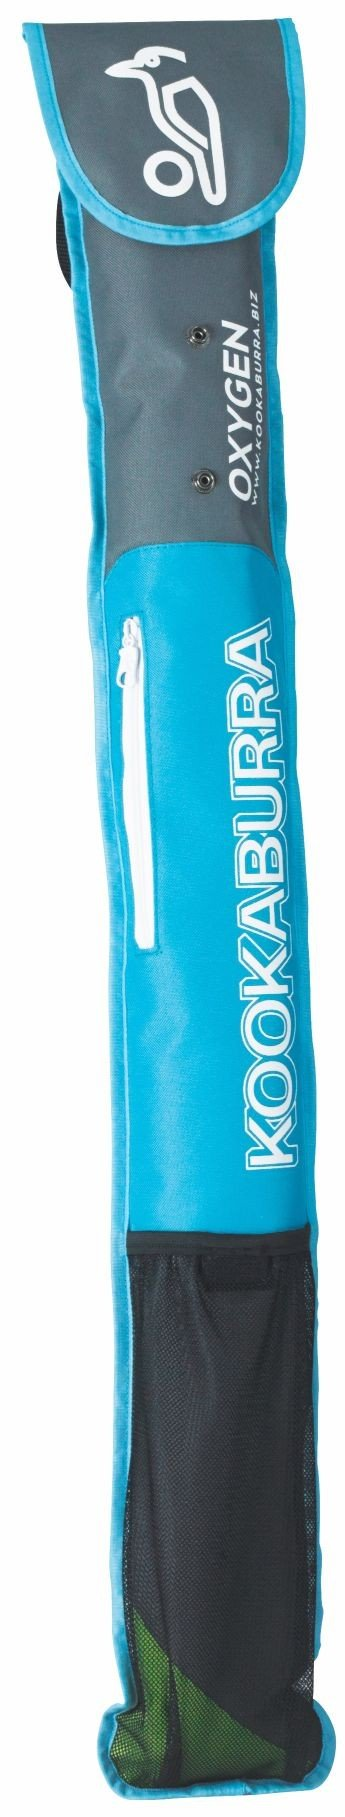 2016/17 Kookaburra Oxygen Hockey Stick Bag